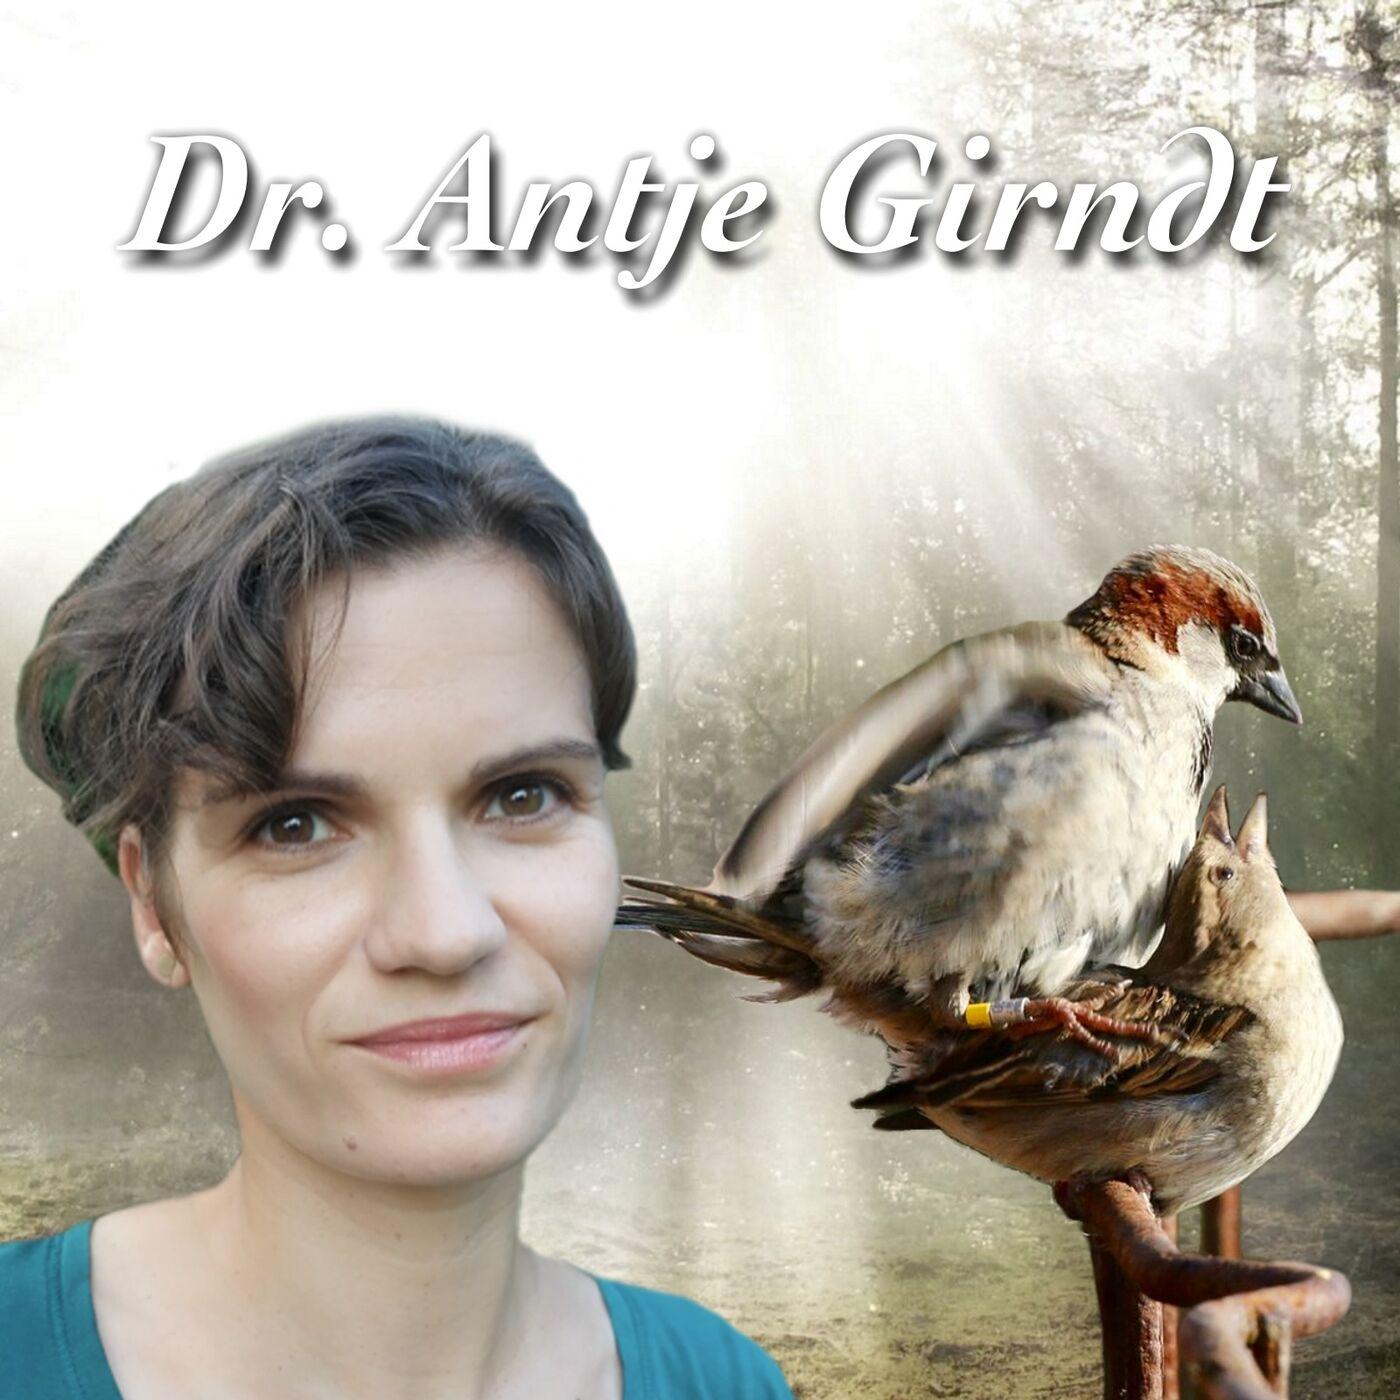 Vögel gehen fremd - Dr. Antje Girndt